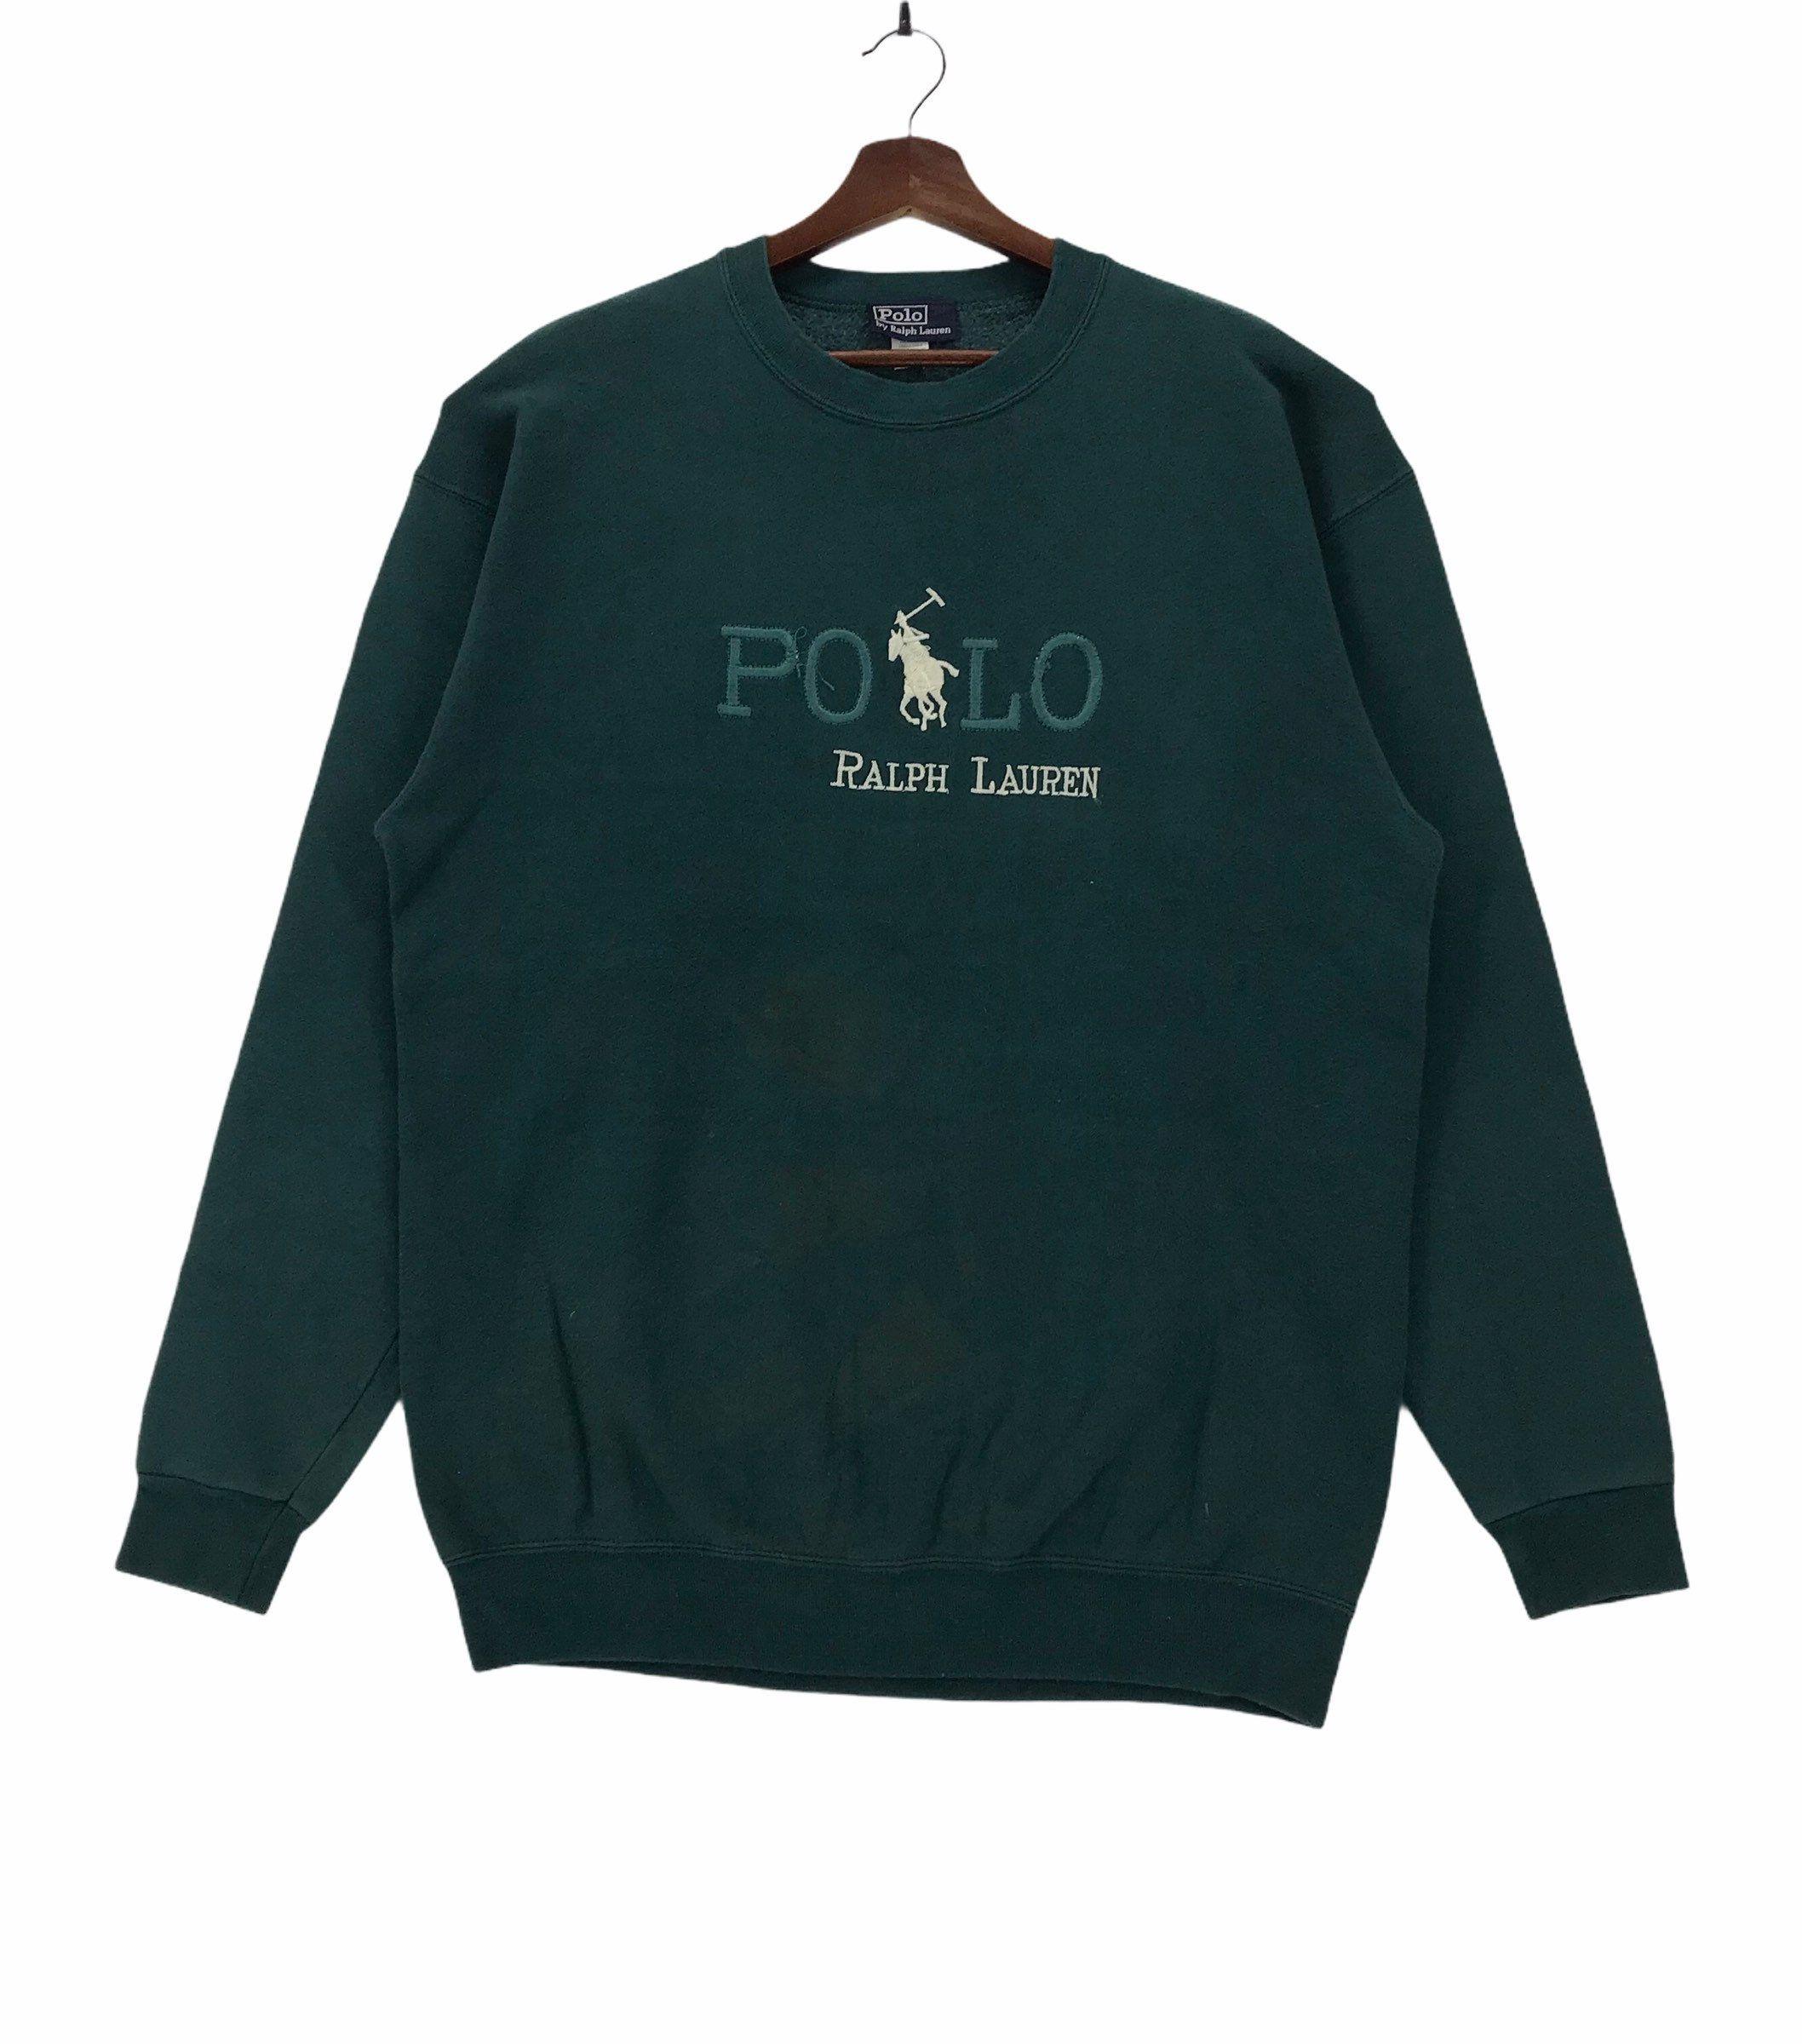 Vintage Polo Ralph Lauren Crewneck Sweatshirt Embroidery Etsy In 2021 Vintage Sweatshirt Polo Ralph Lauren Crewneck Sweatshirt Outfit [ 2400 x 2116 Pixel ]